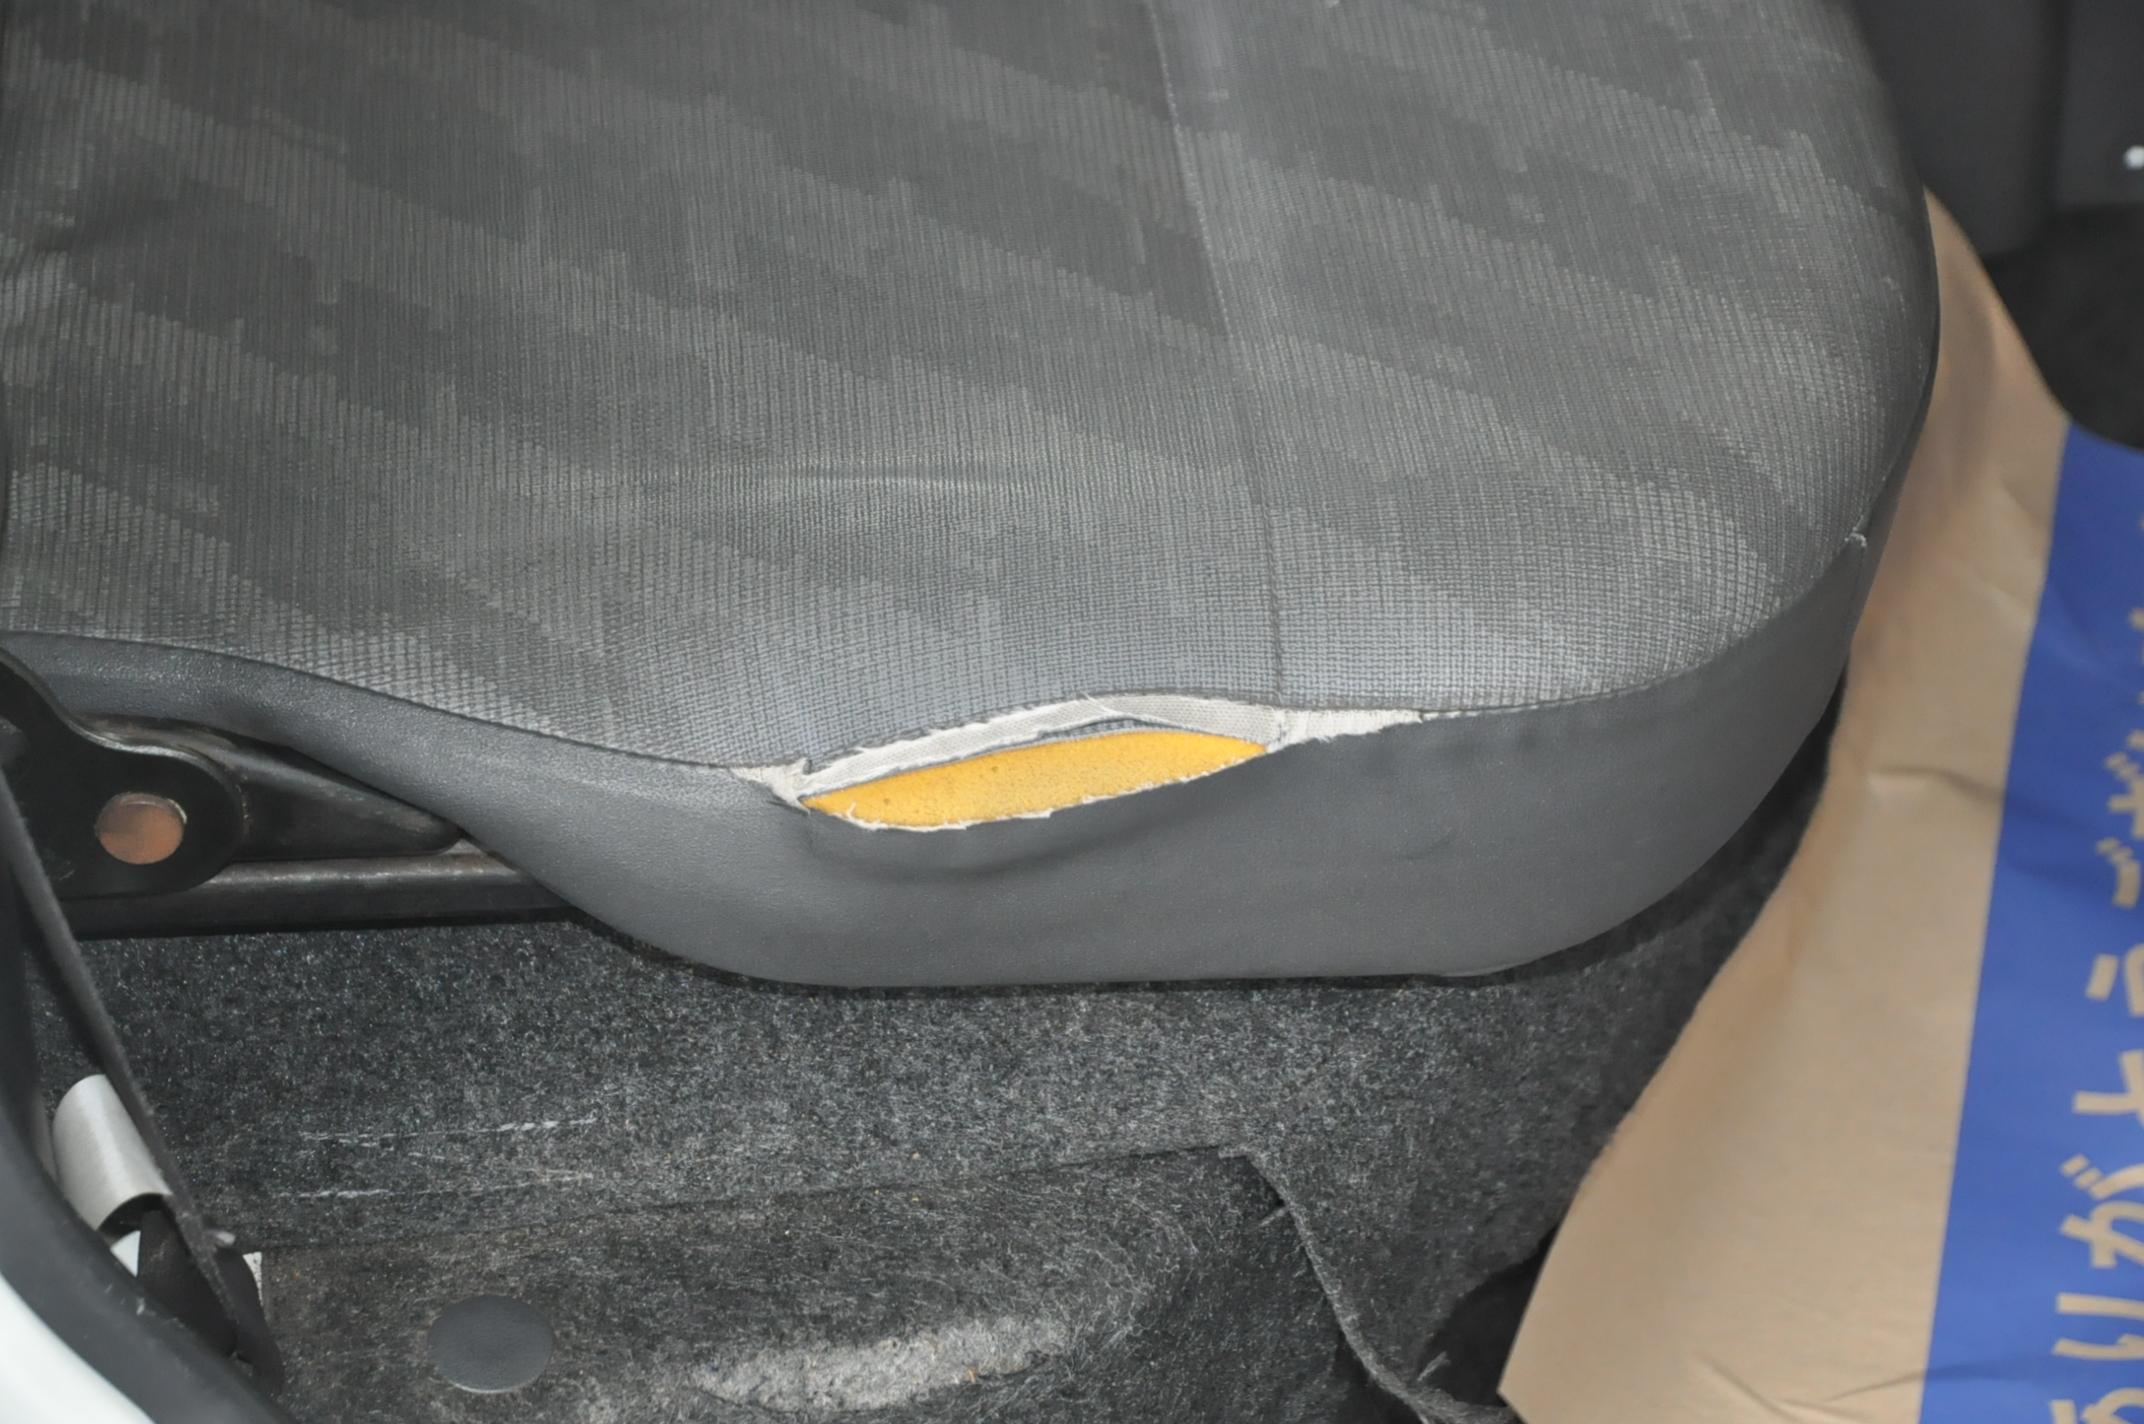 スズキ キャリー シートの破れ補修 1264 静岡県東部地域で車内装、革製品、木材製品の修理・補修、愛車の